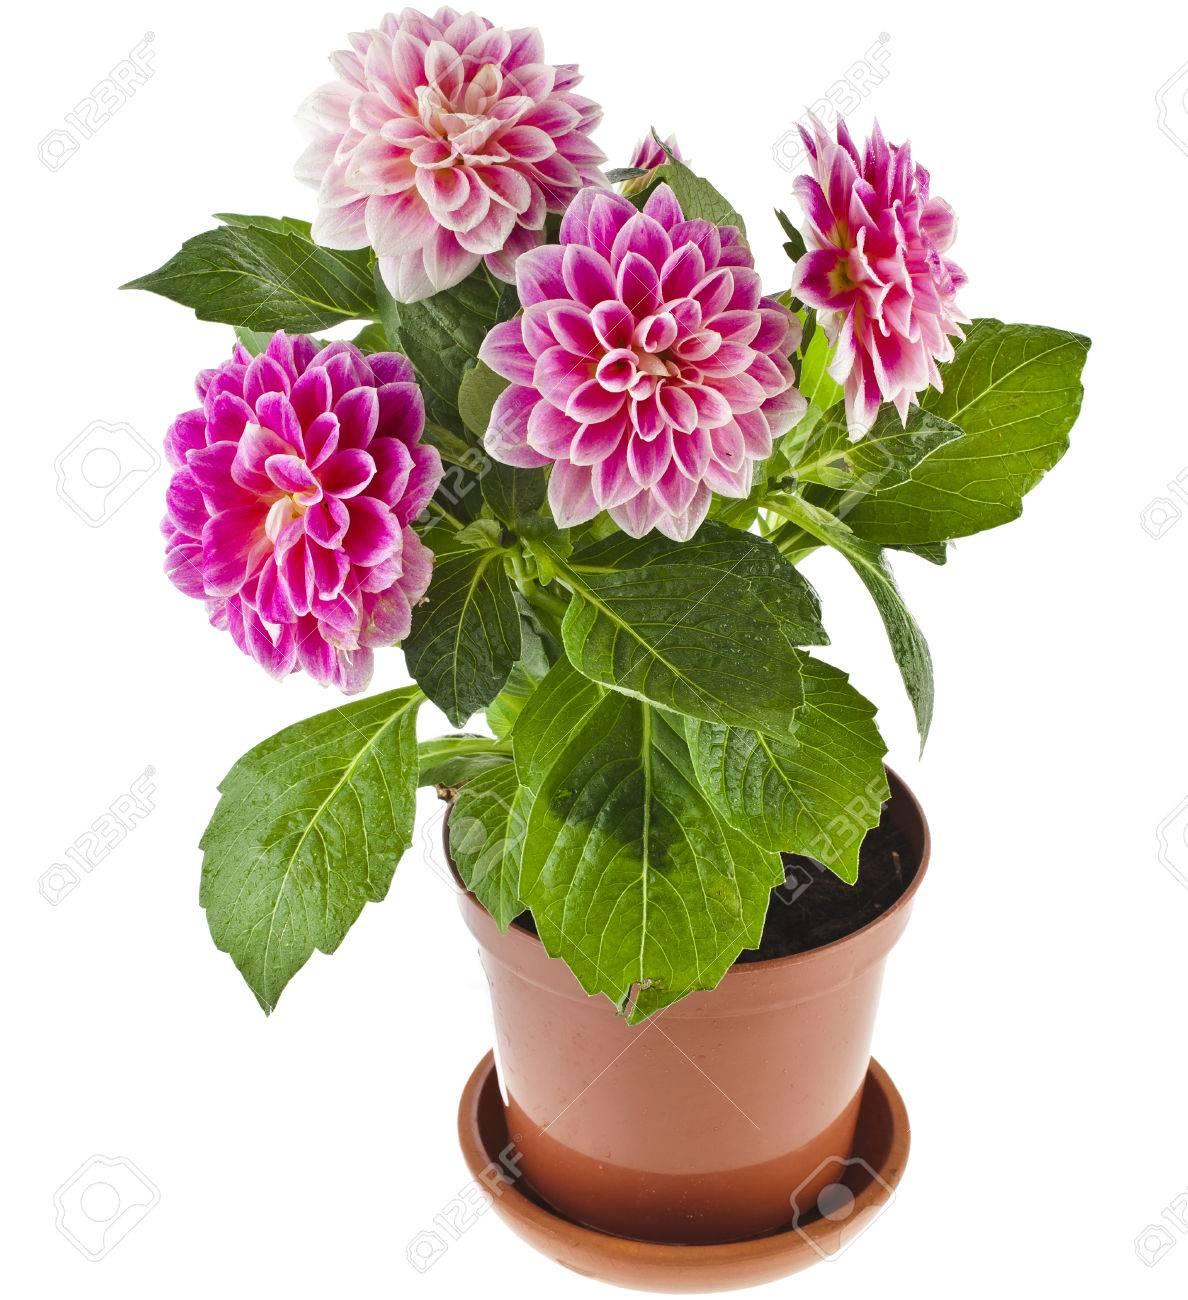 Bloemen In Pot.Gekleurde Bloemen Van De Dahlia Plant In Een Pot Geisoleerd Op Witte Achtergrond